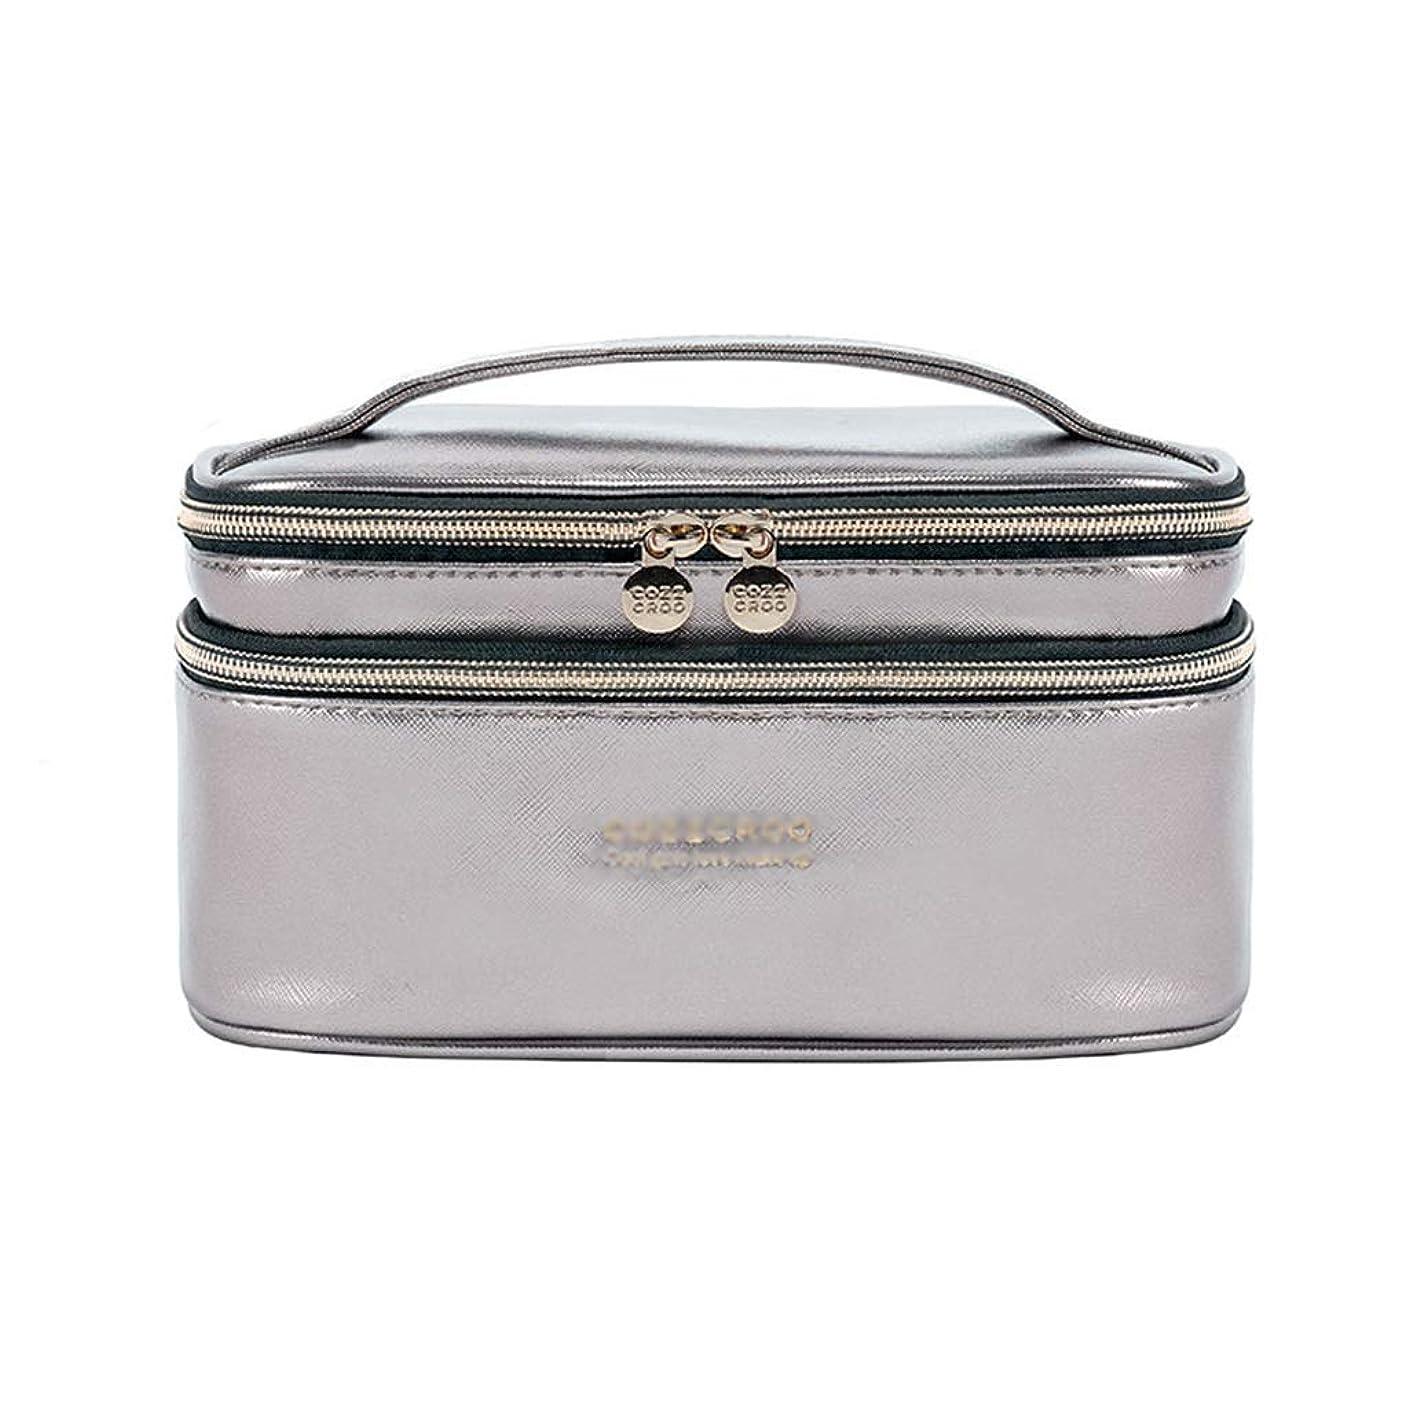 句読点観客スナックLFOZ 二層化粧品袋家庭用収納袋ポータブル収納袋PU素材快適に感じるハードウェアプラーブラックシルバーレッド 化粧品のバッグ (Color : Silver)